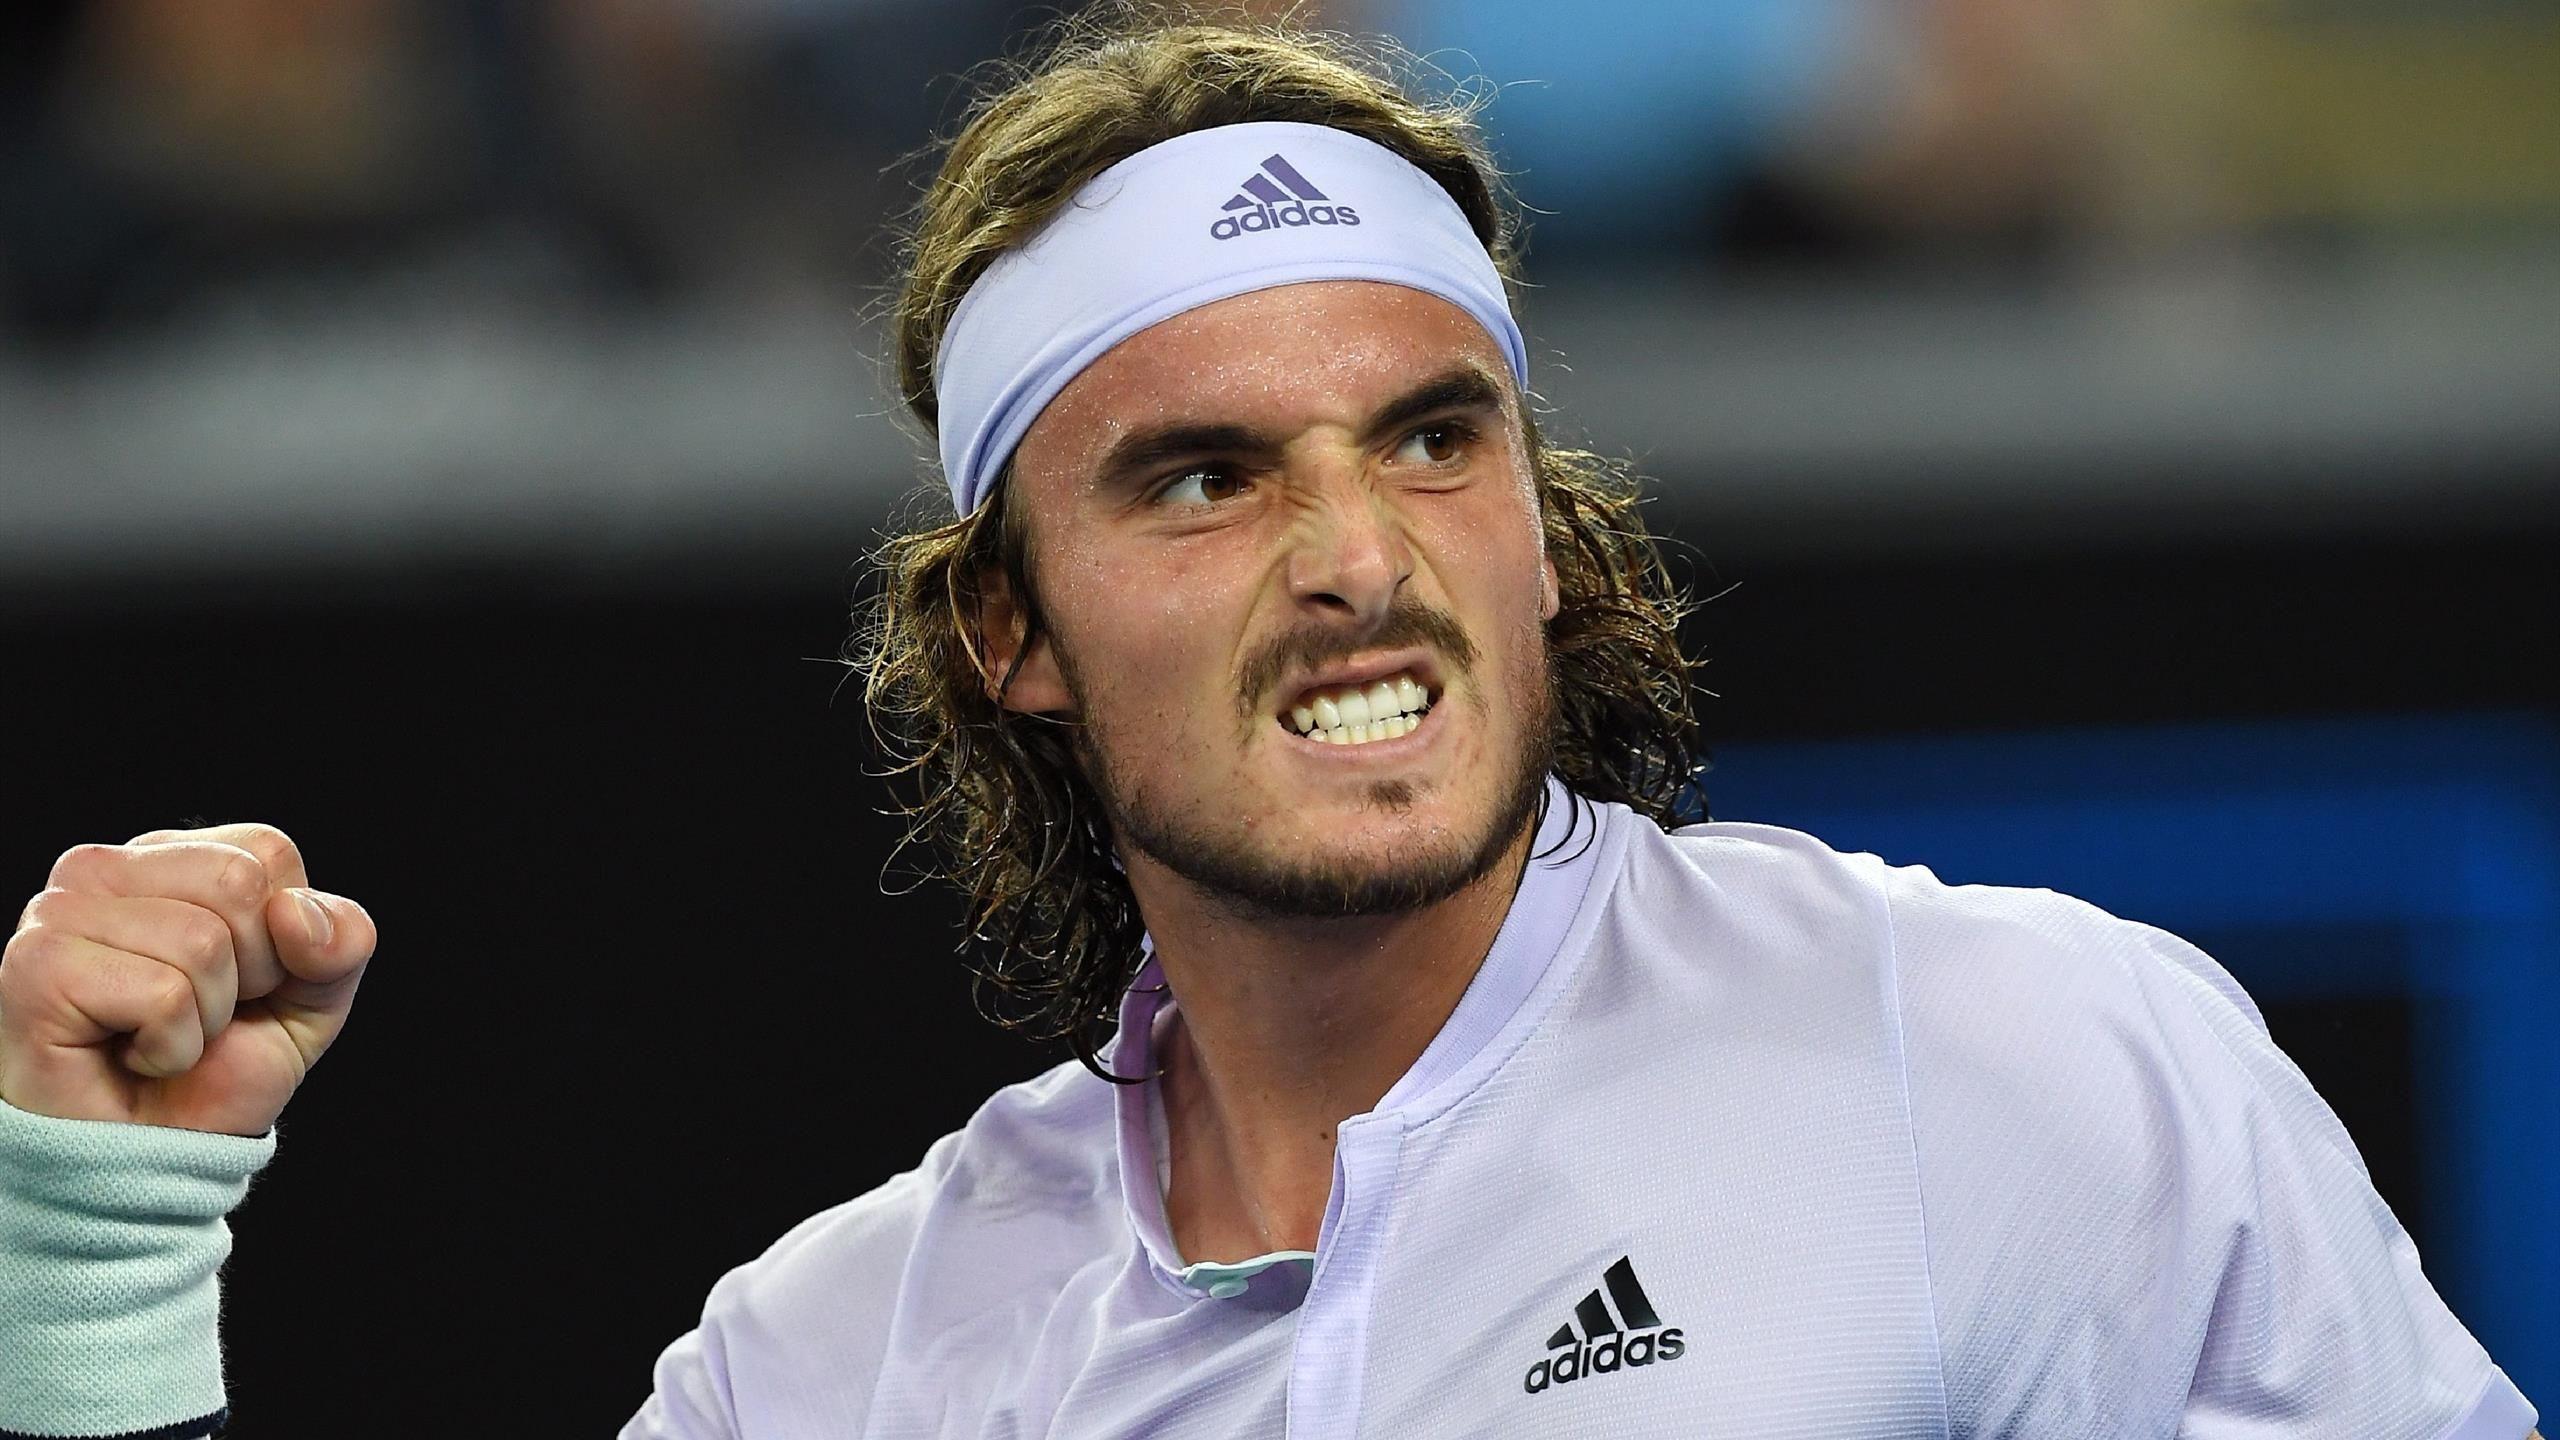 Em jogo complicado, Stefanos Tsitsipas estreia com vitória no ATP de Roterdã